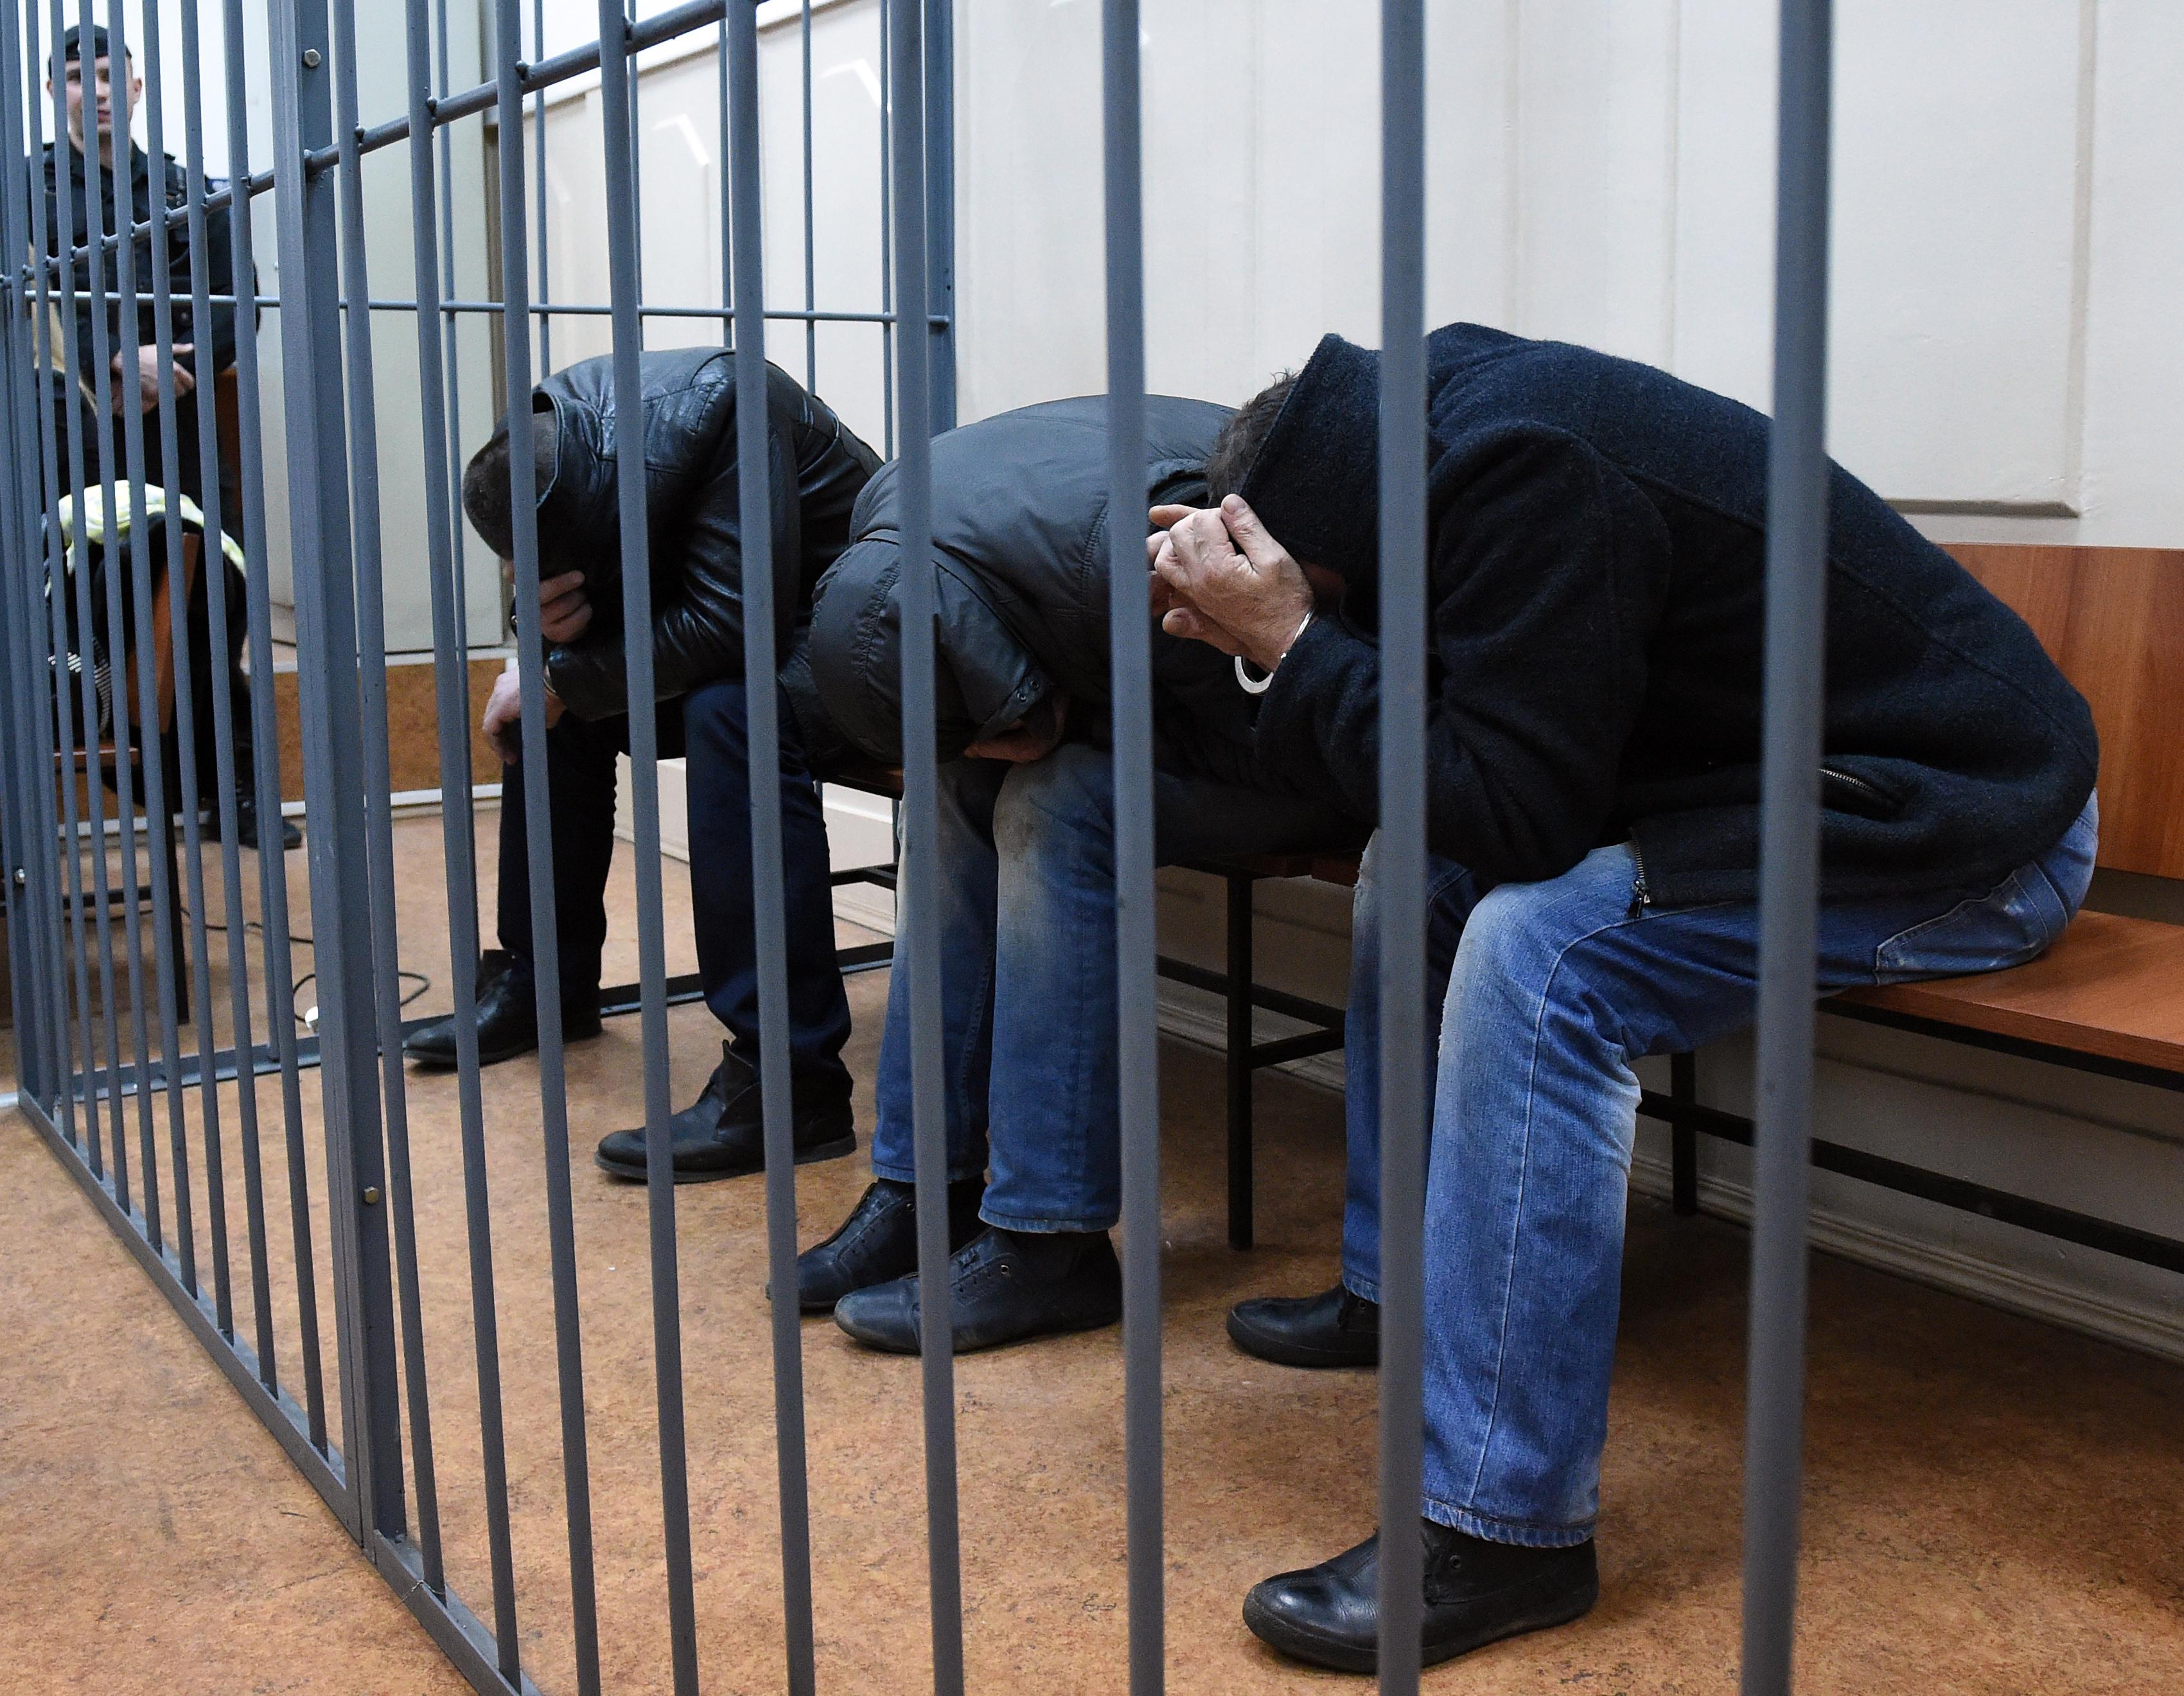 Подозреваемые в убийстве Бориса Немцова в Басманном суде Москвы. Фото: AFP